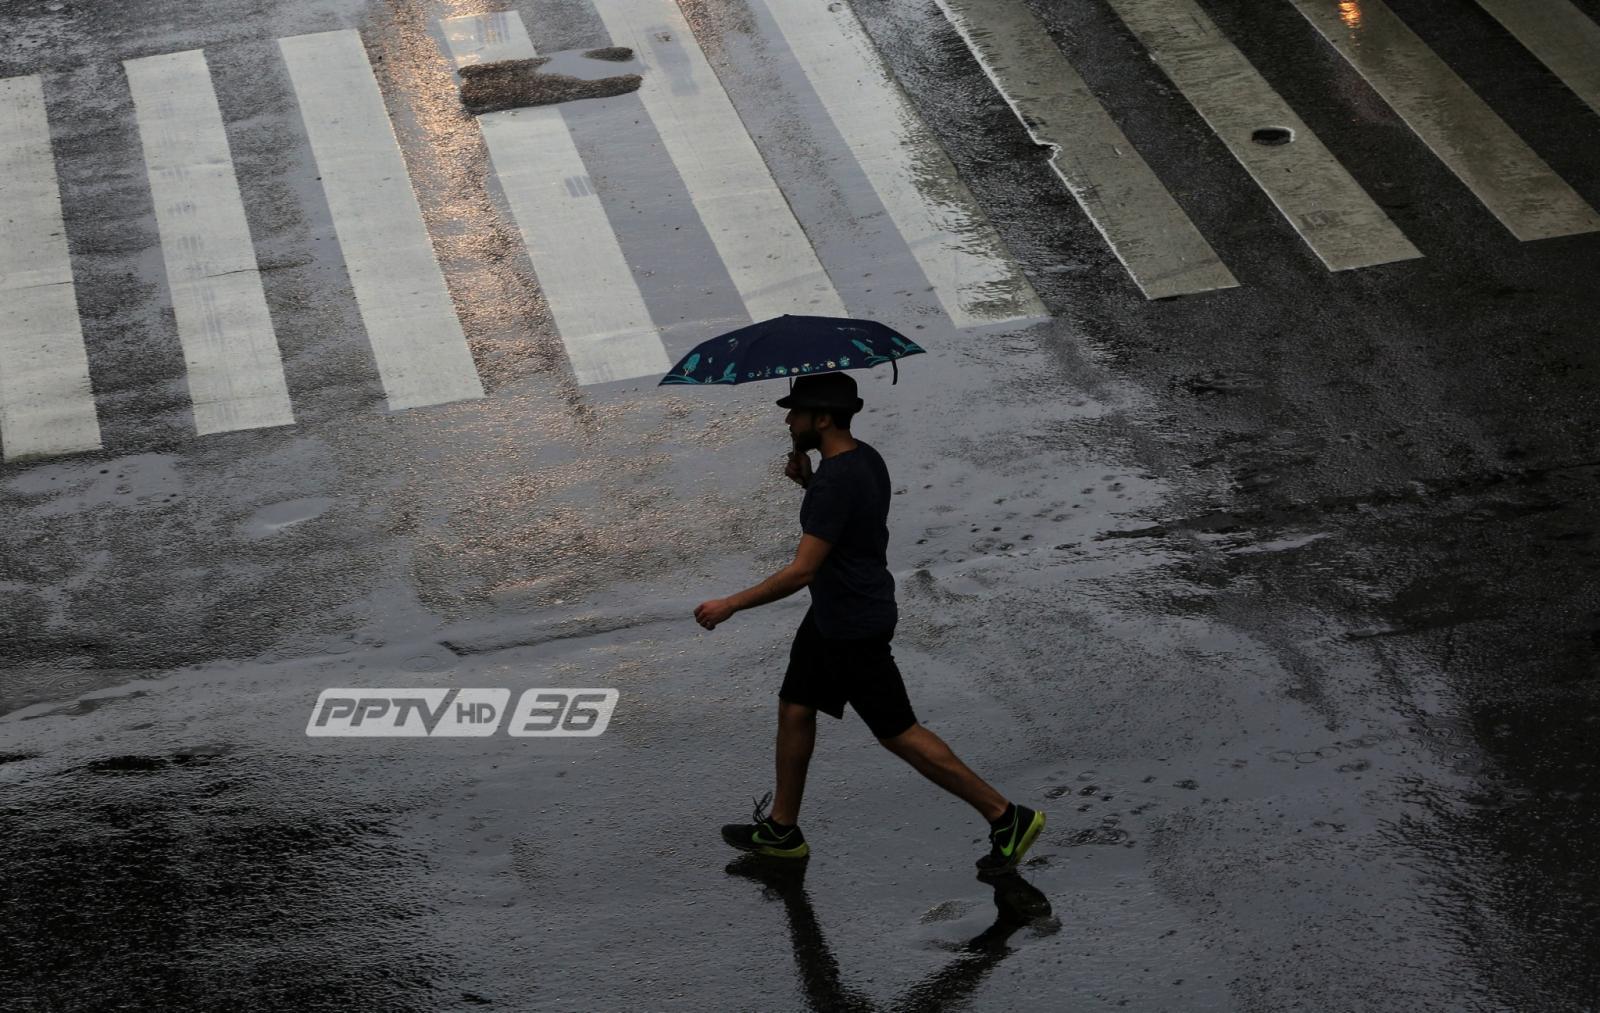 อุตุฯ ชี้วันนี้ทุกภาคของไทยมีฝนร้อยละ 30-60